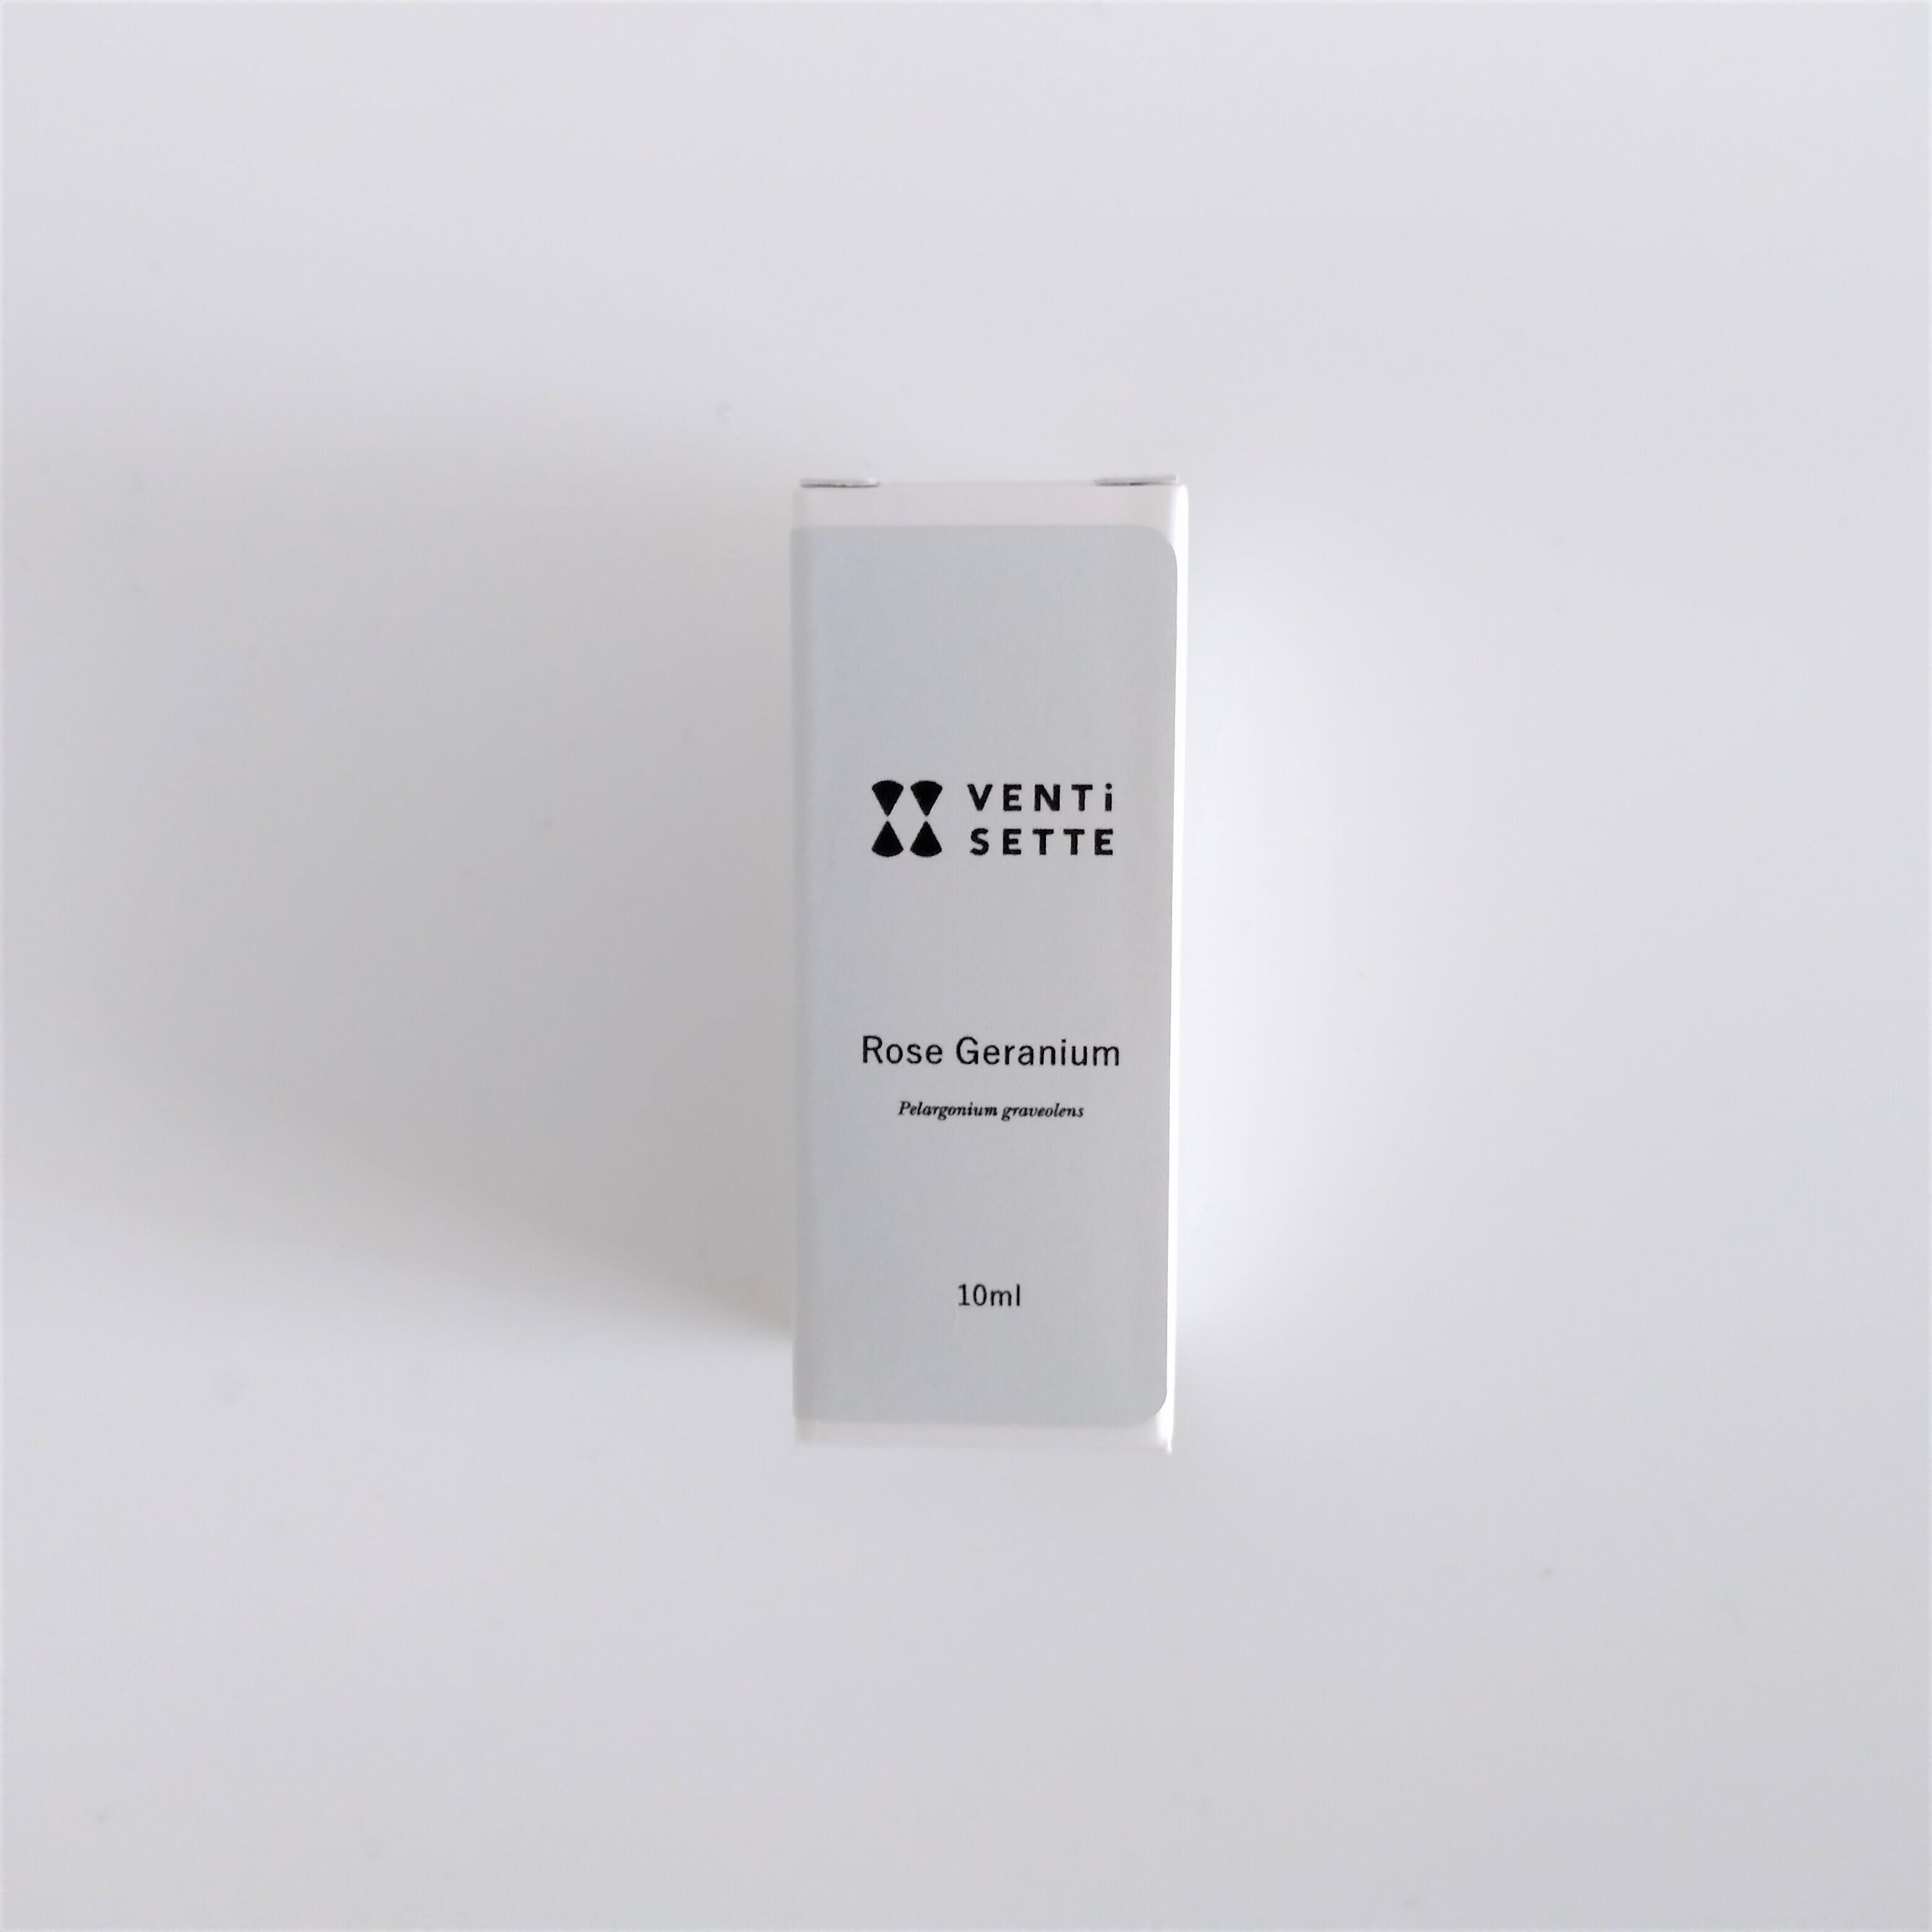 ローズゼラニウムエッセンシャルオイル 10ml